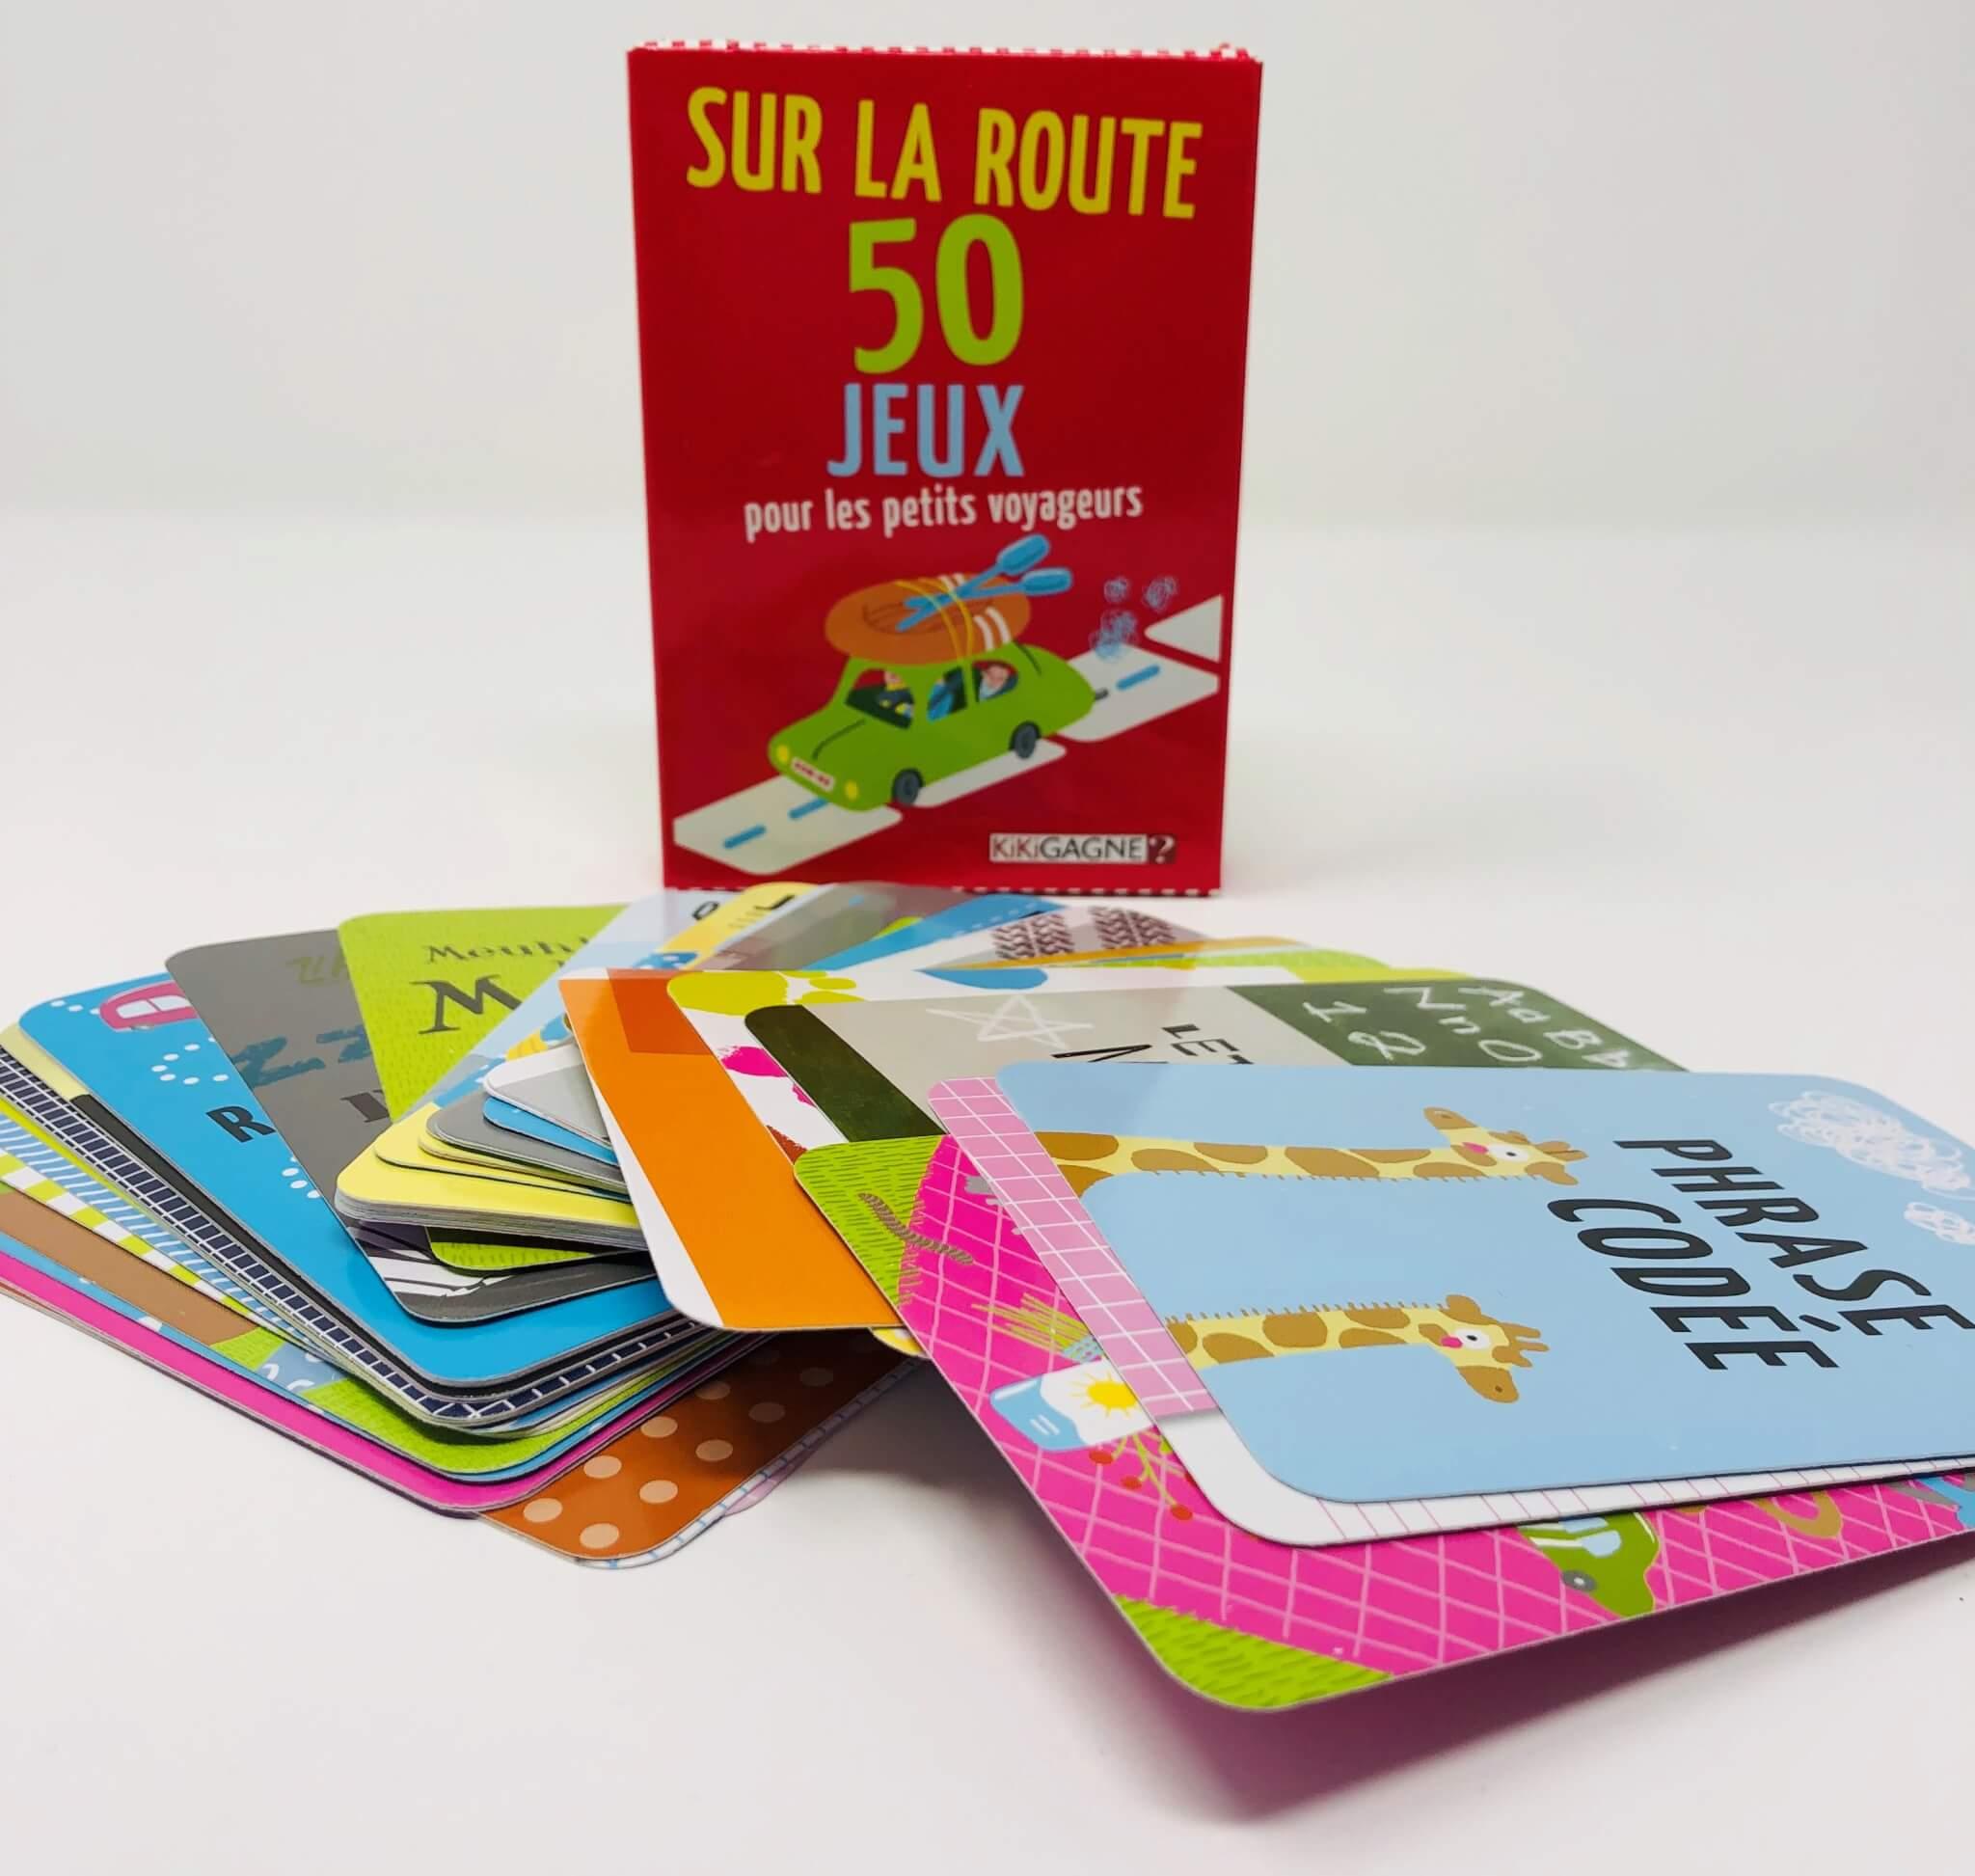 Sur la Route – 50 jeux pour les petits voyageurs (Kikigagne)